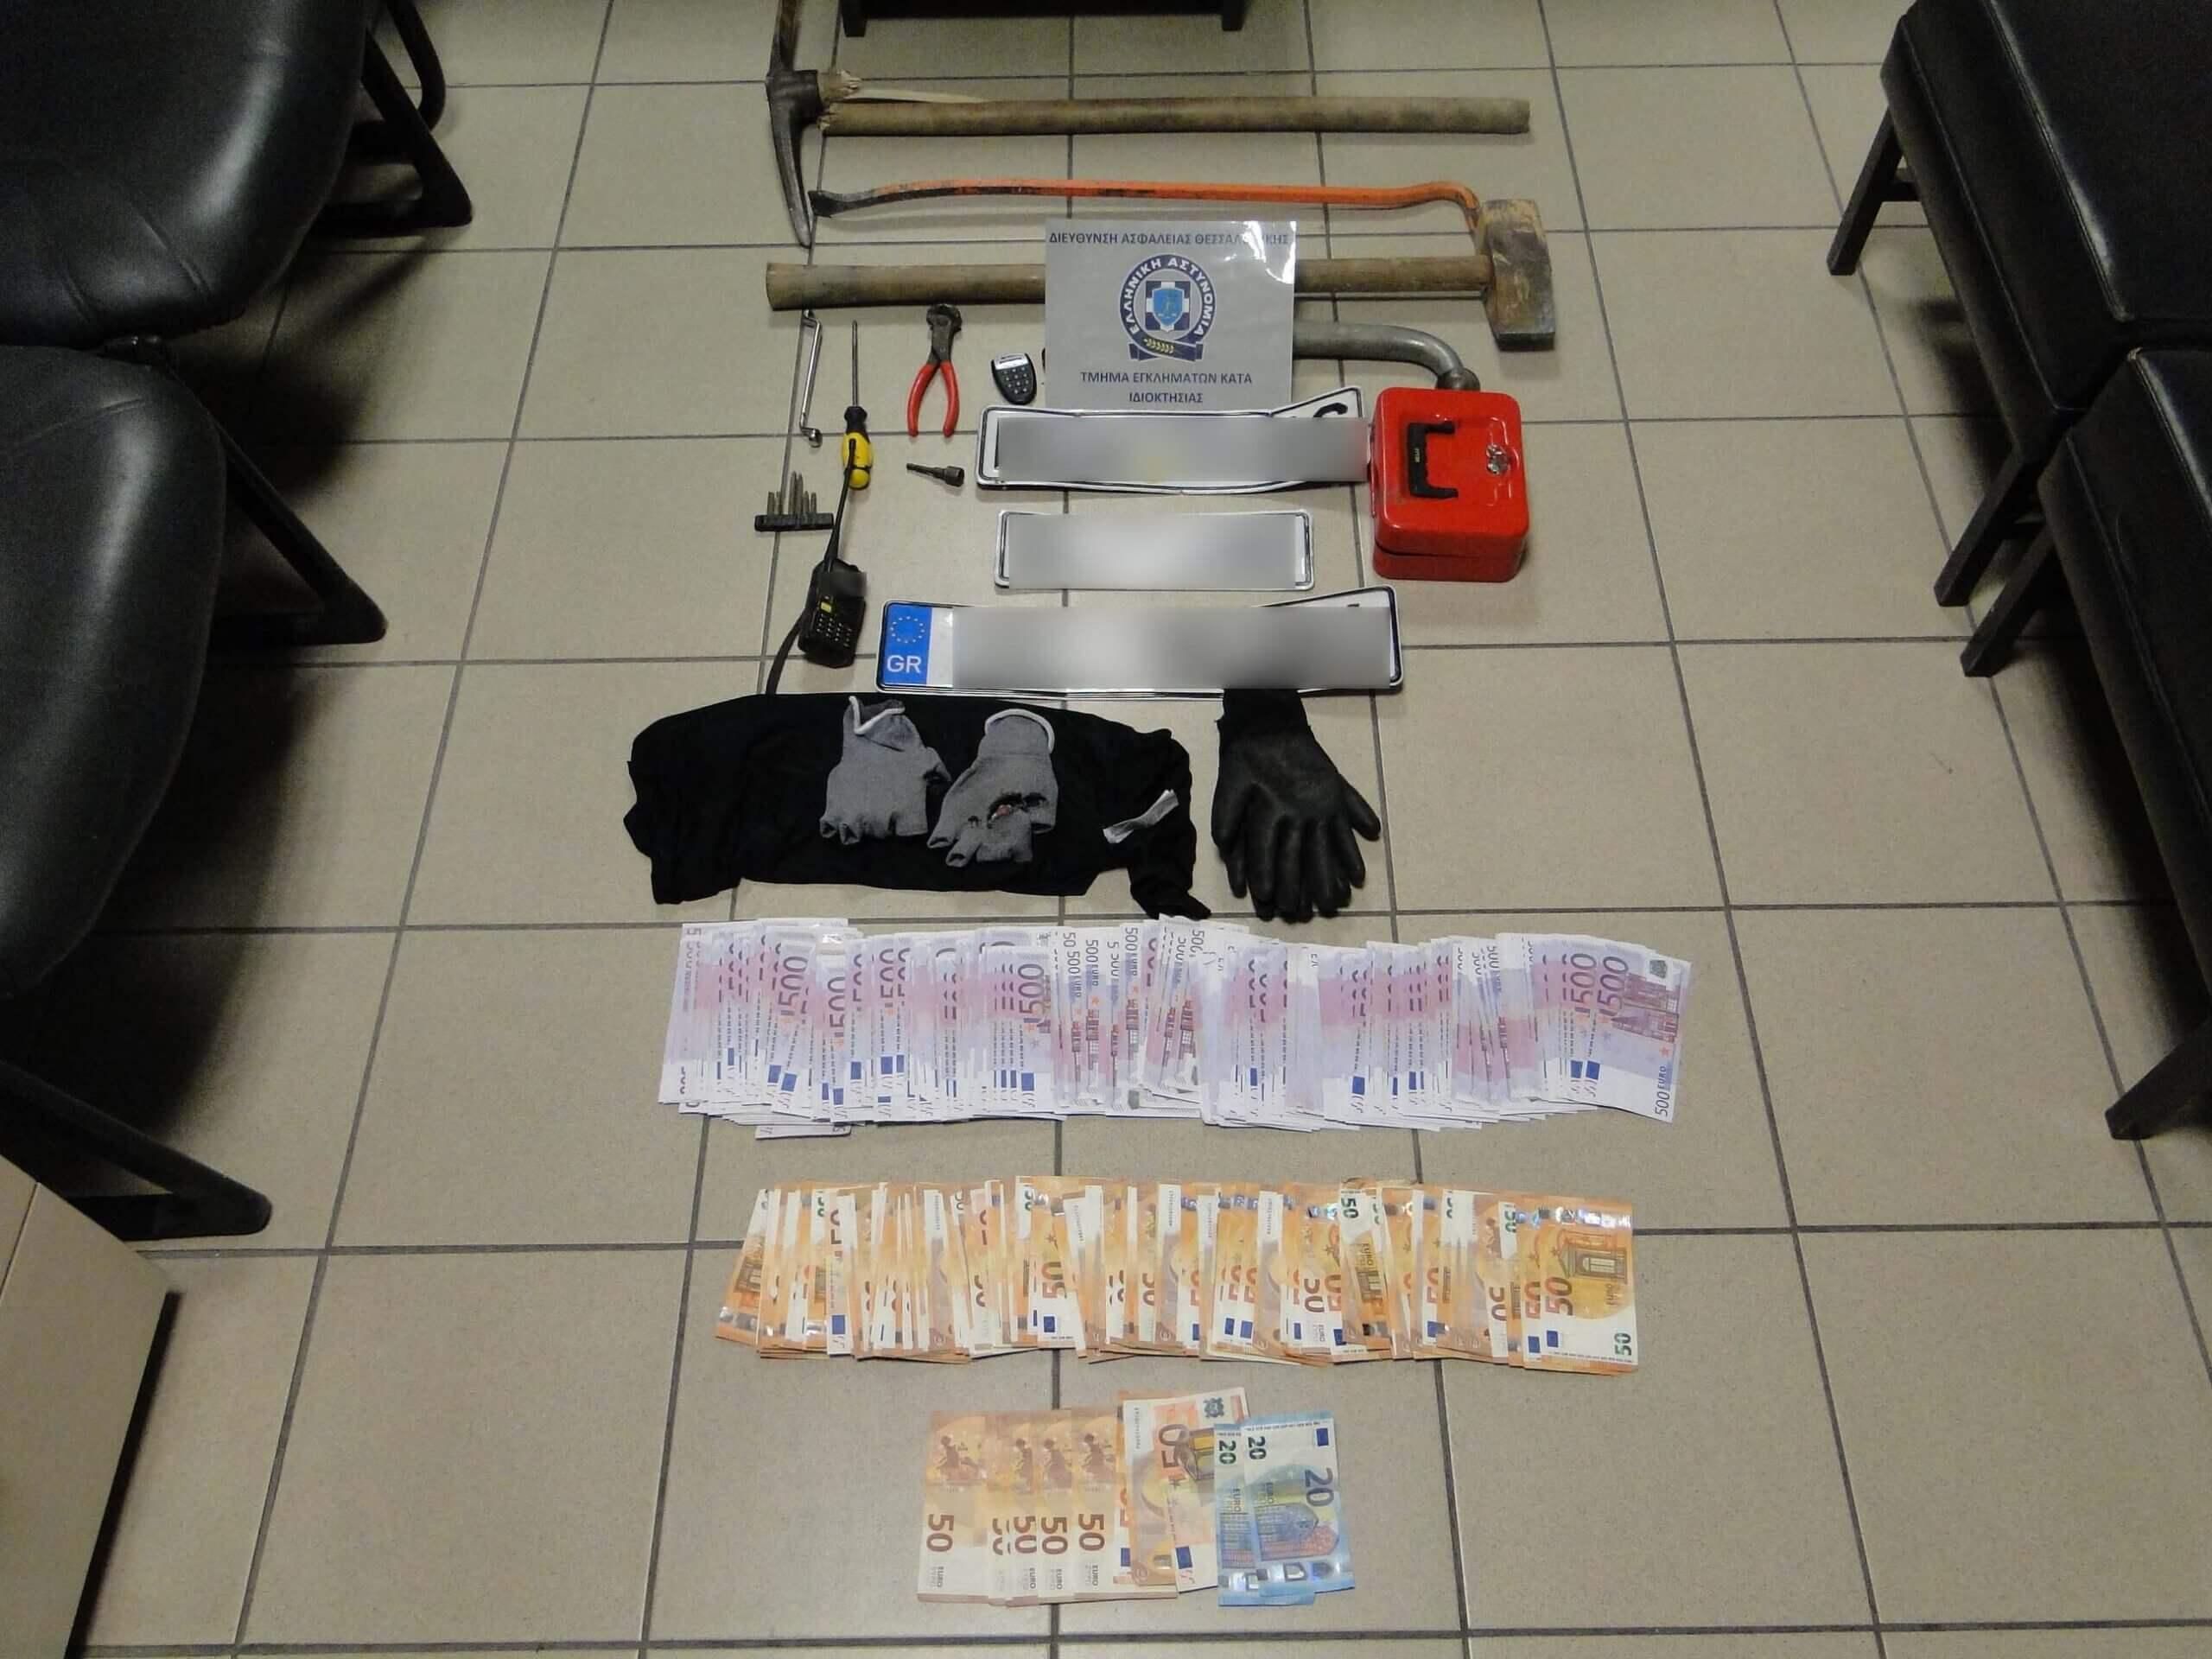 Συνελήφθησαν άμεσα 2 μέλη συμμορίας που ενέχονται σε περίπτωση ληστείας και διακεκριμένων κλοπών